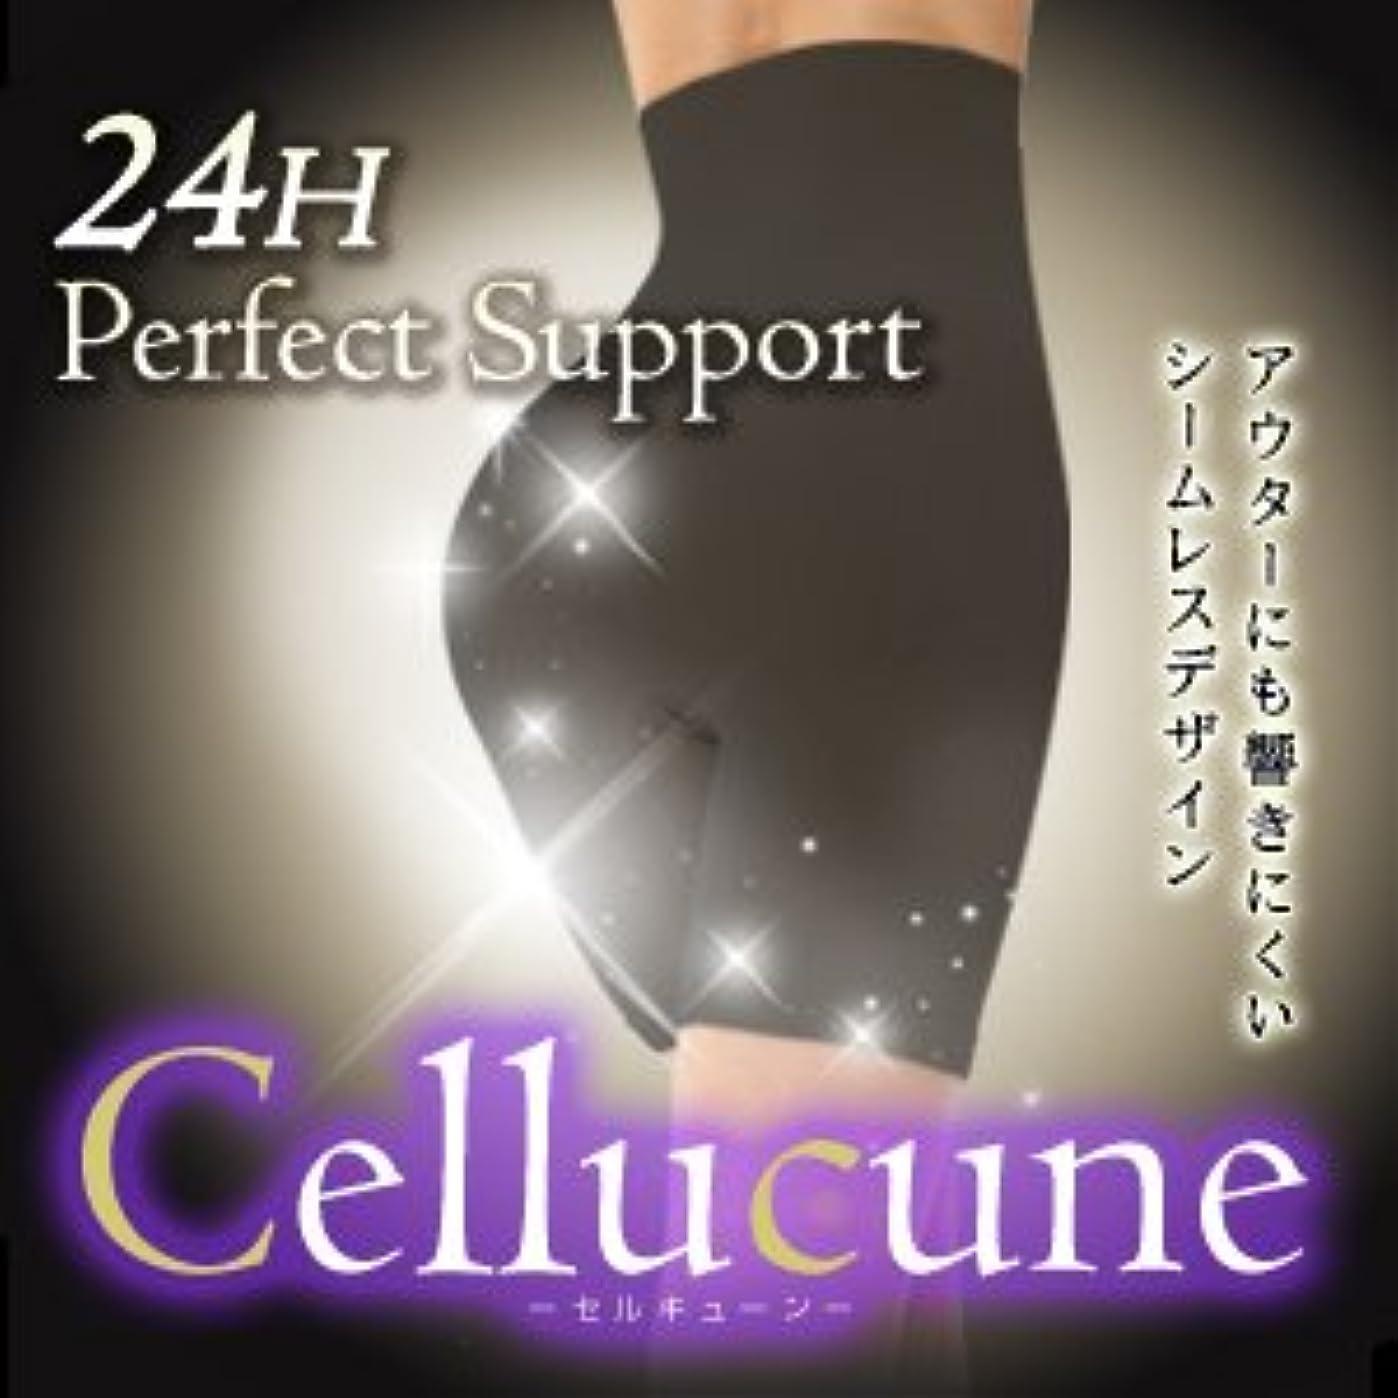 あなたが良くなります価値のないストレッチ【M-L】セルキューン -Cellucune- 痩身特化骨盤補正ショーツ